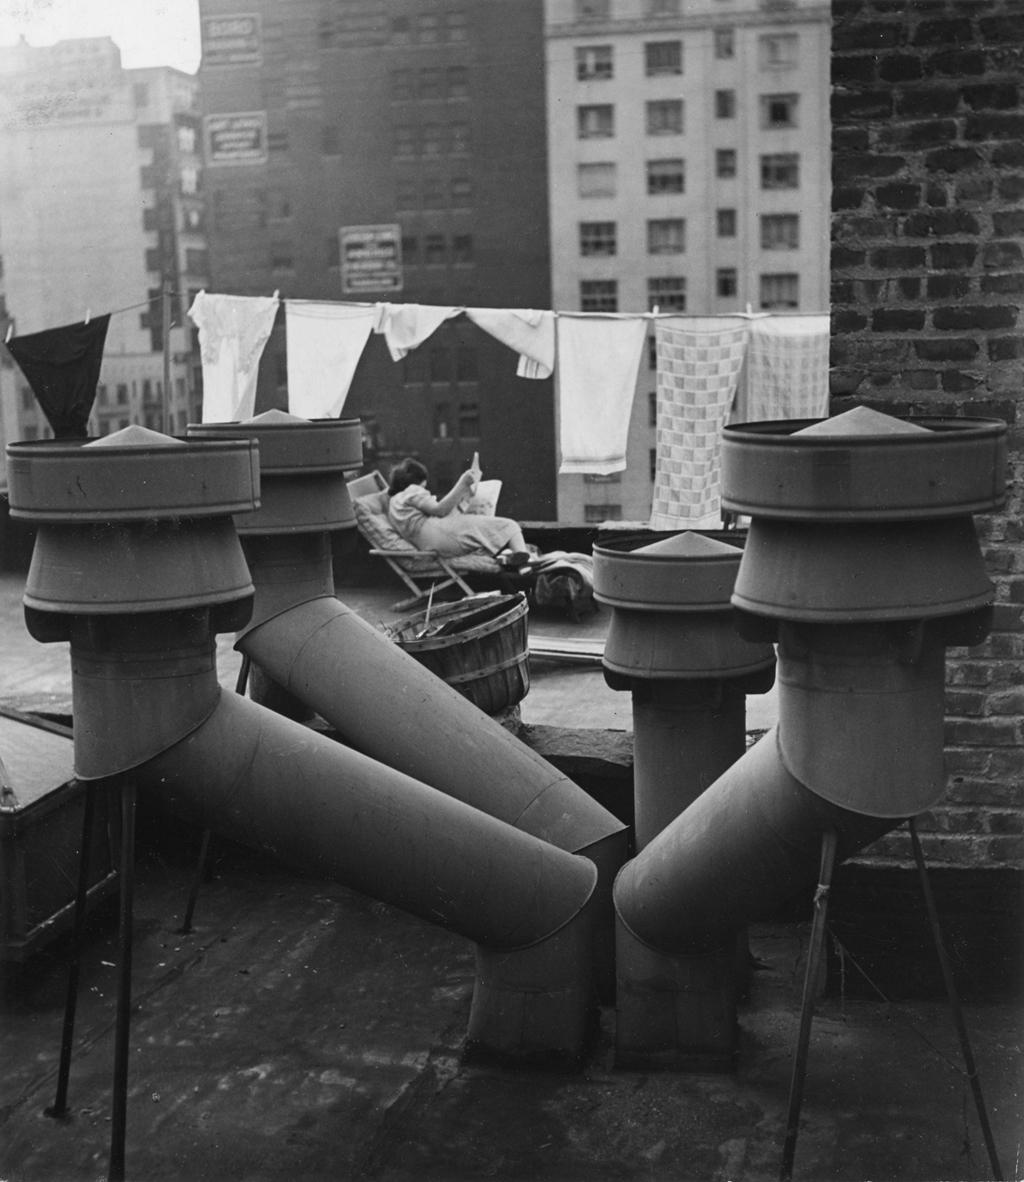 New York, 1943. - (André Kertész)